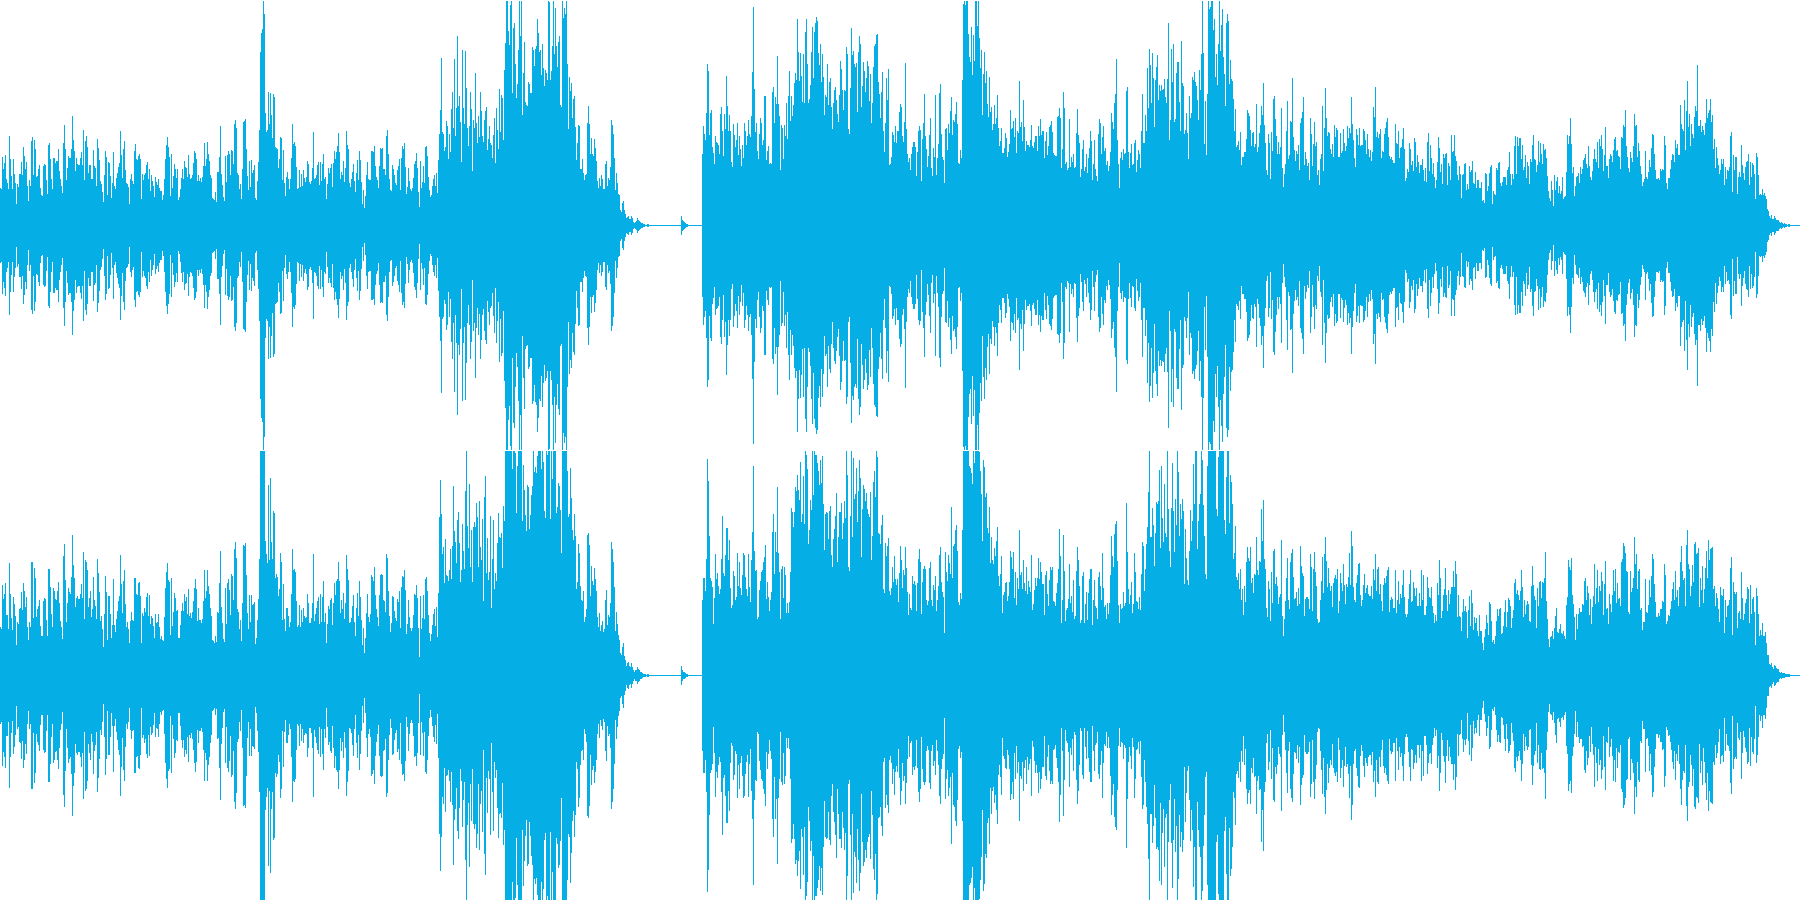 乾いた不気味なBGMの再生済みの波形